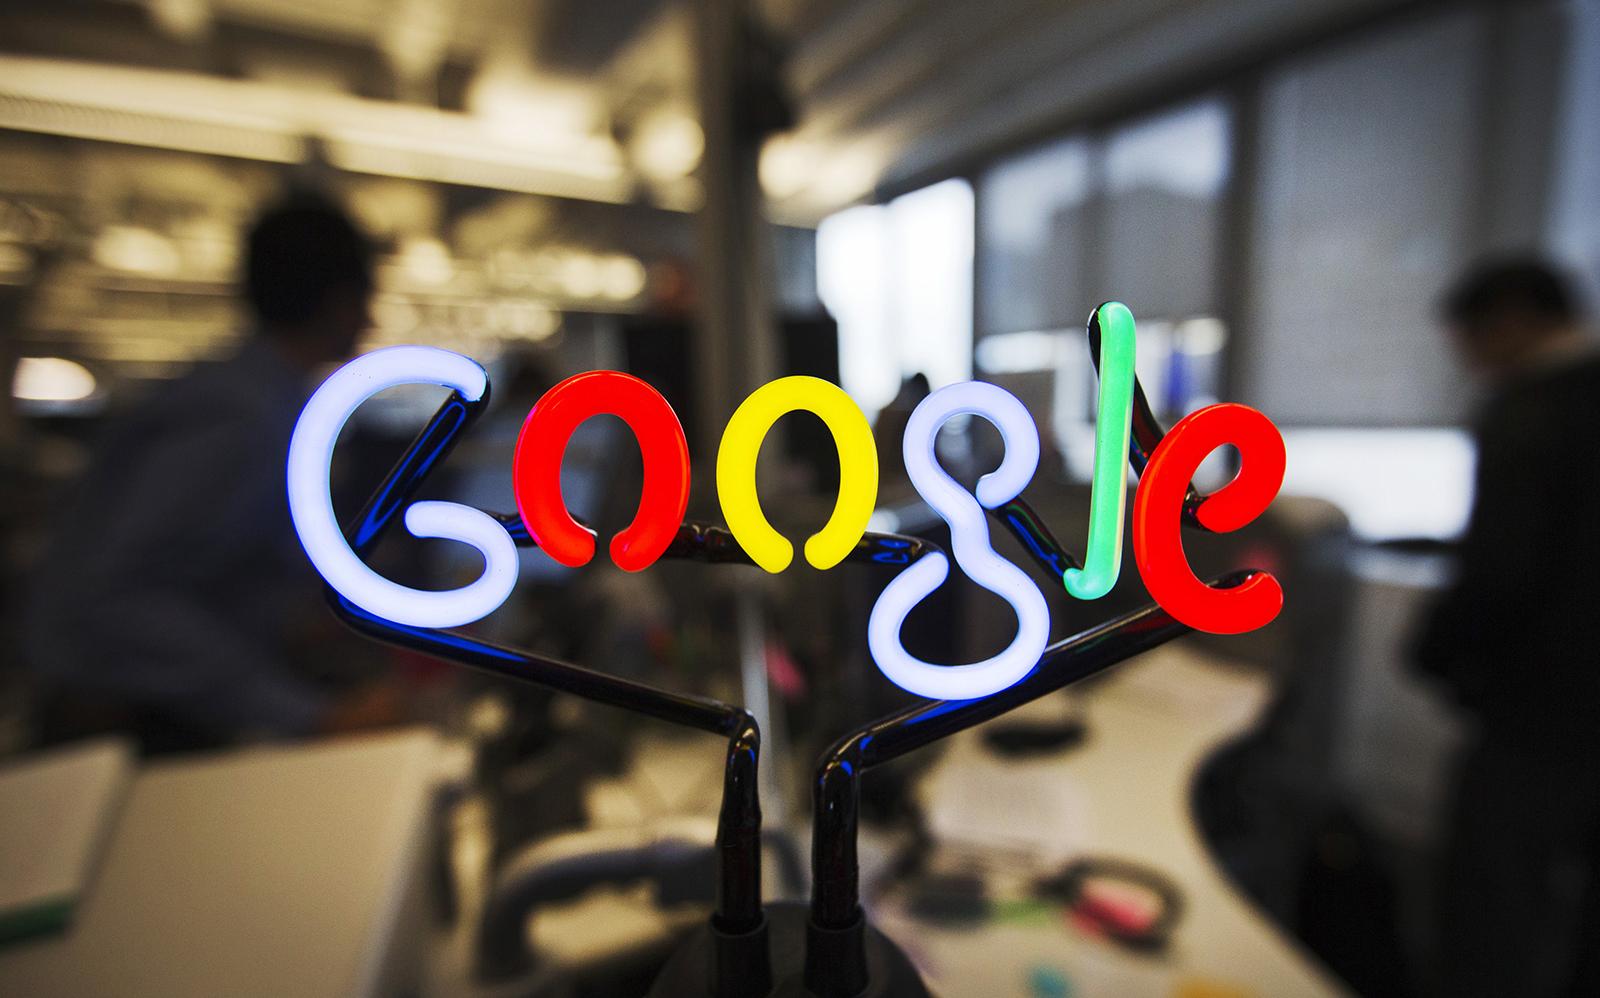 В 2021 году сервисы Google перестанут работать в России?